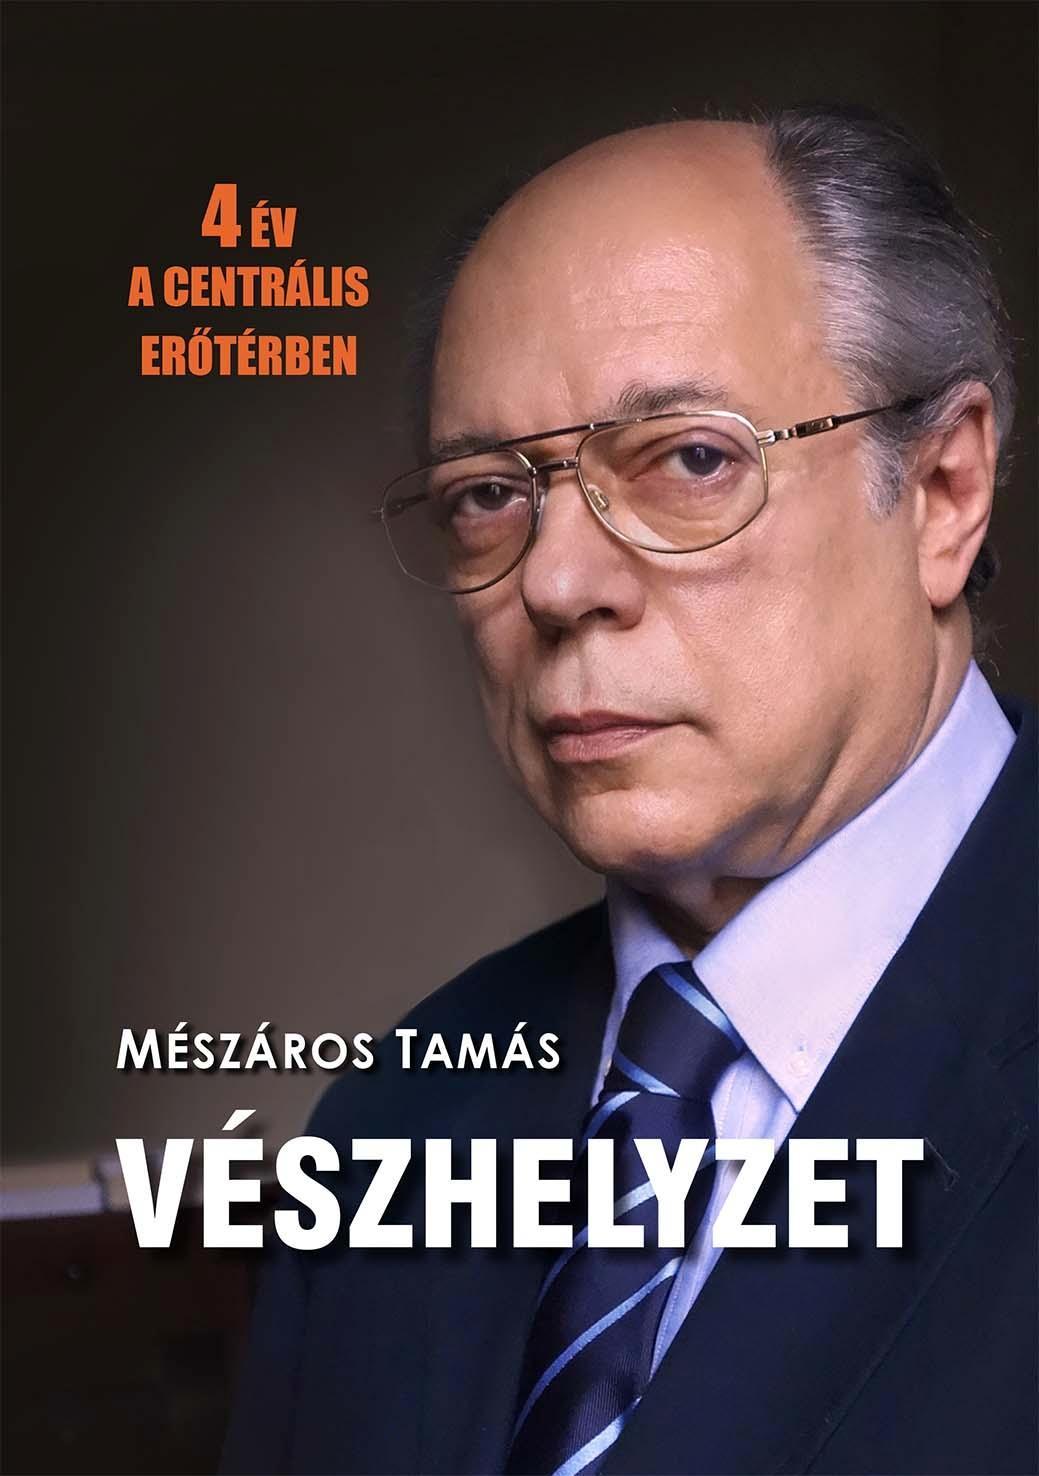 VÉSZHELYZET - 4 ÉV A CENTRÁLIS ERŐTÉRBEN